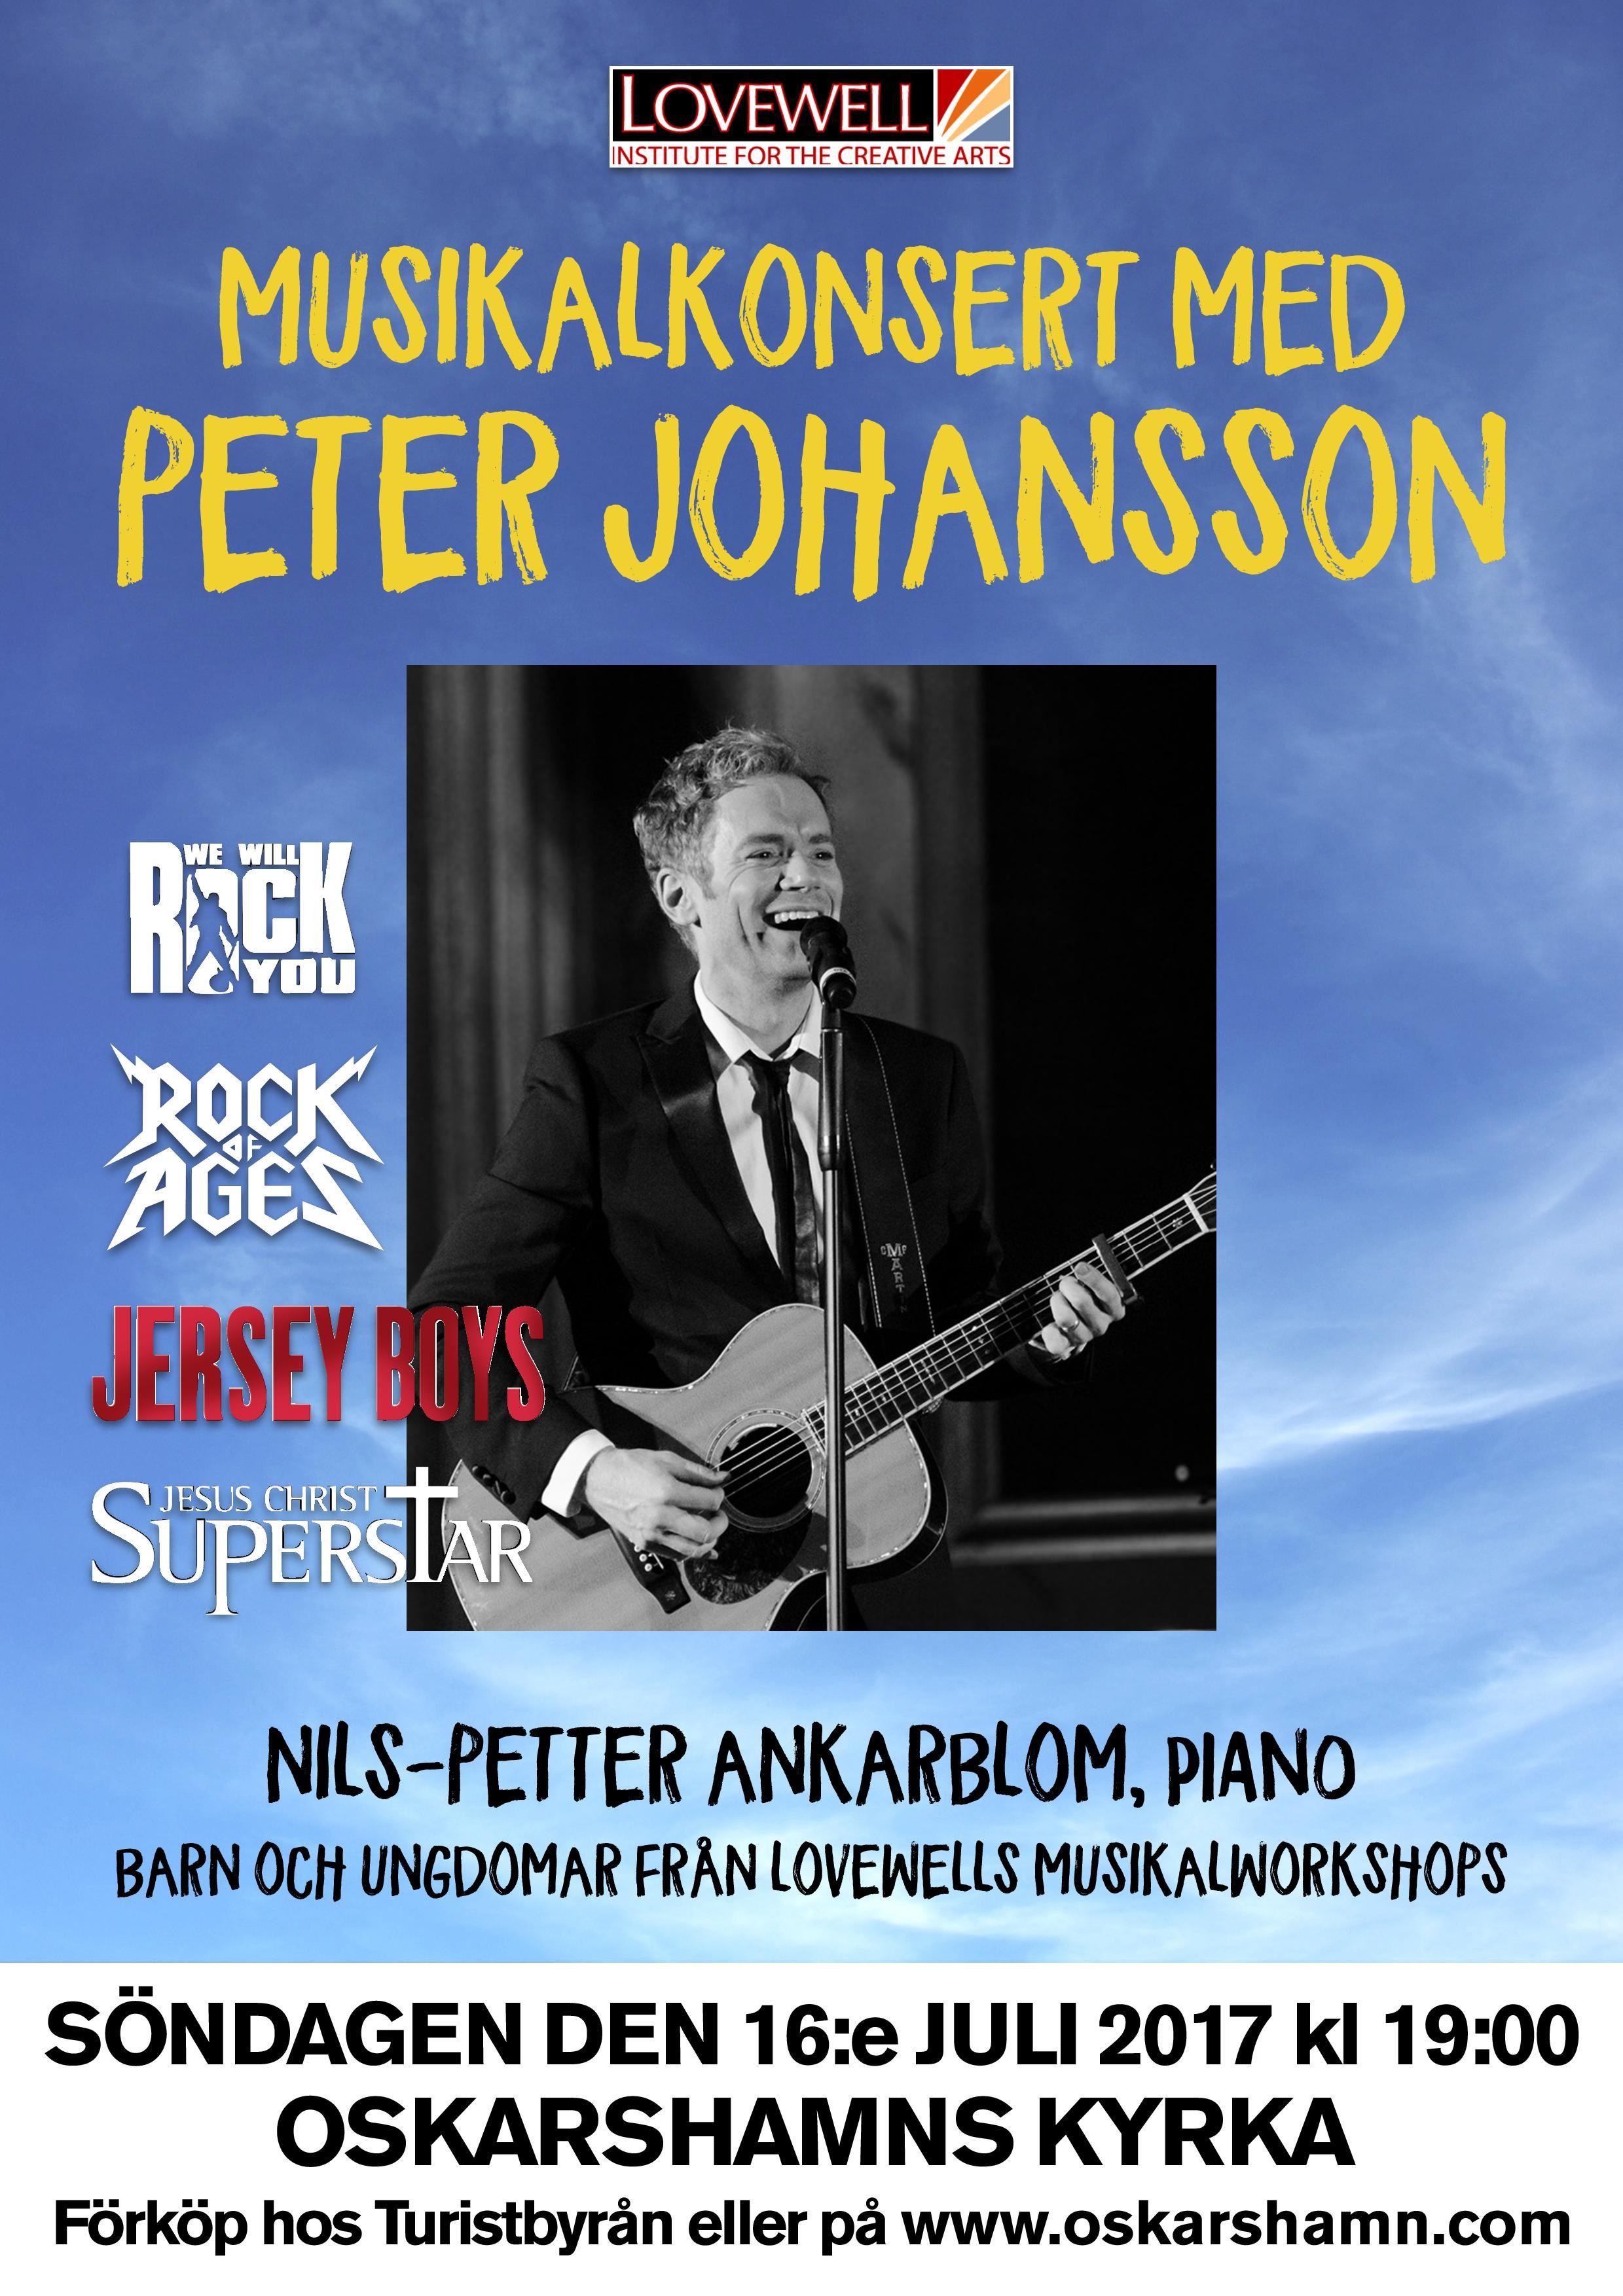 Musikalkonsert med Peter Johansson